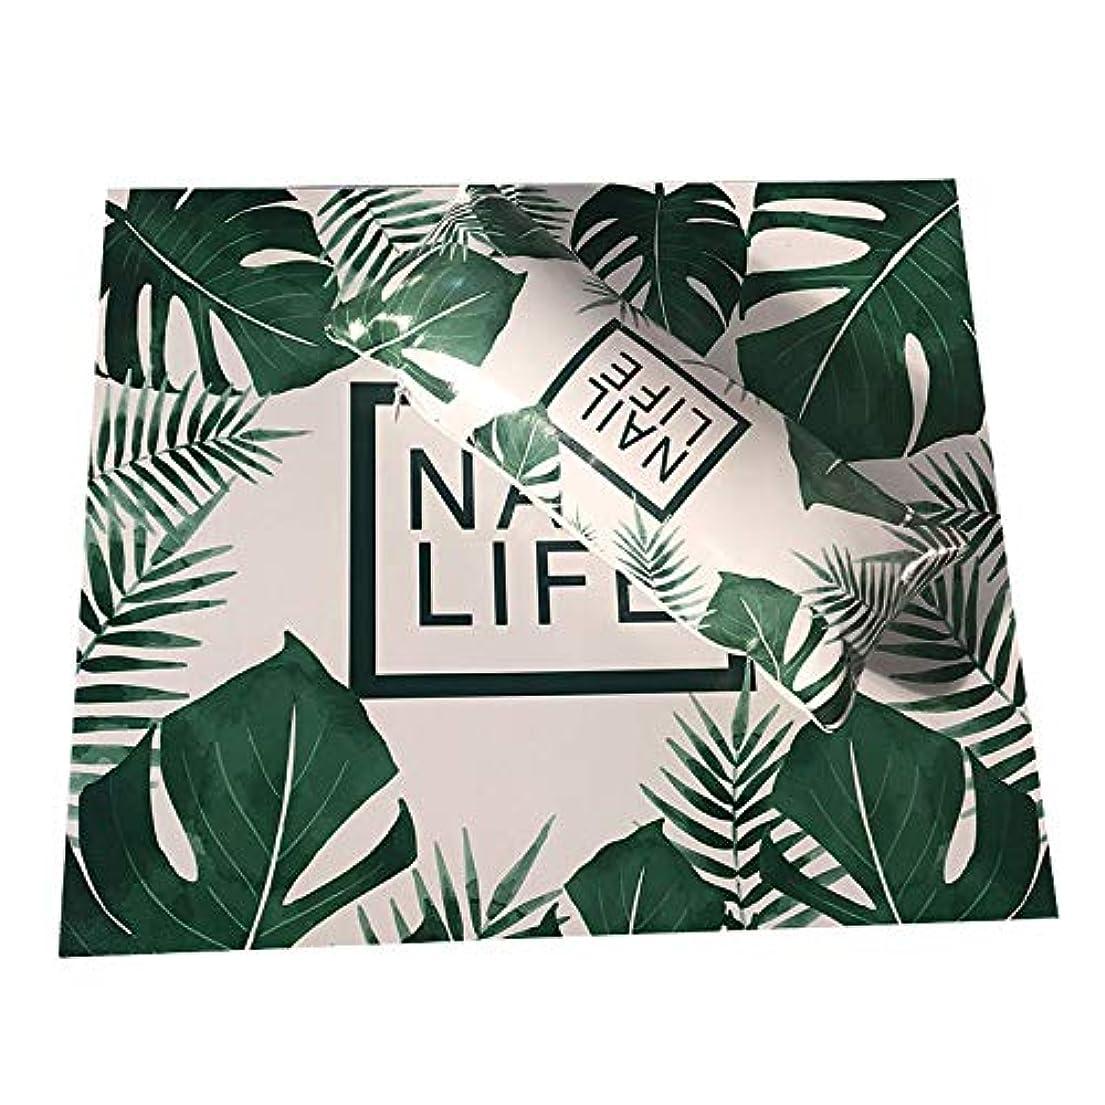 付き添い人勃起症状Gaoominy ネイルアート用手枕のクッション、ネイルポリッシュのホルダー、ソフト、Puレザー、スポンジのアームレスト、ストライプのデザイン、サロンのマニキュア(植物#)